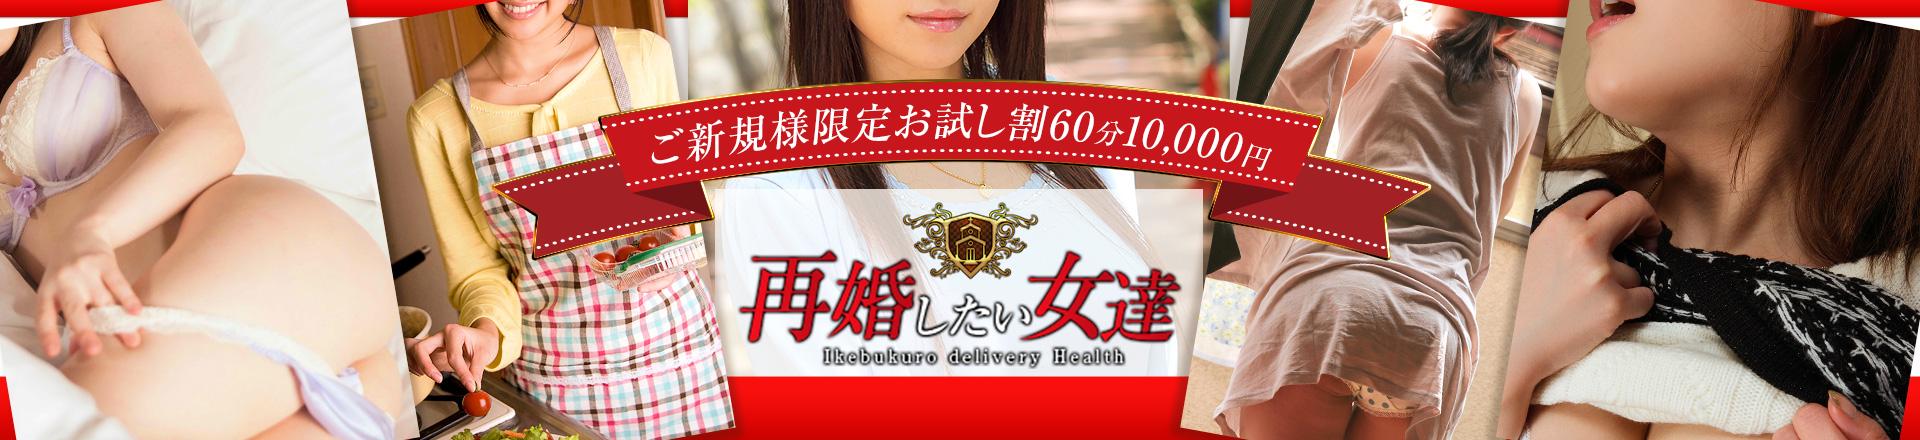 東京都/池袋デリヘル 再婚したい女達